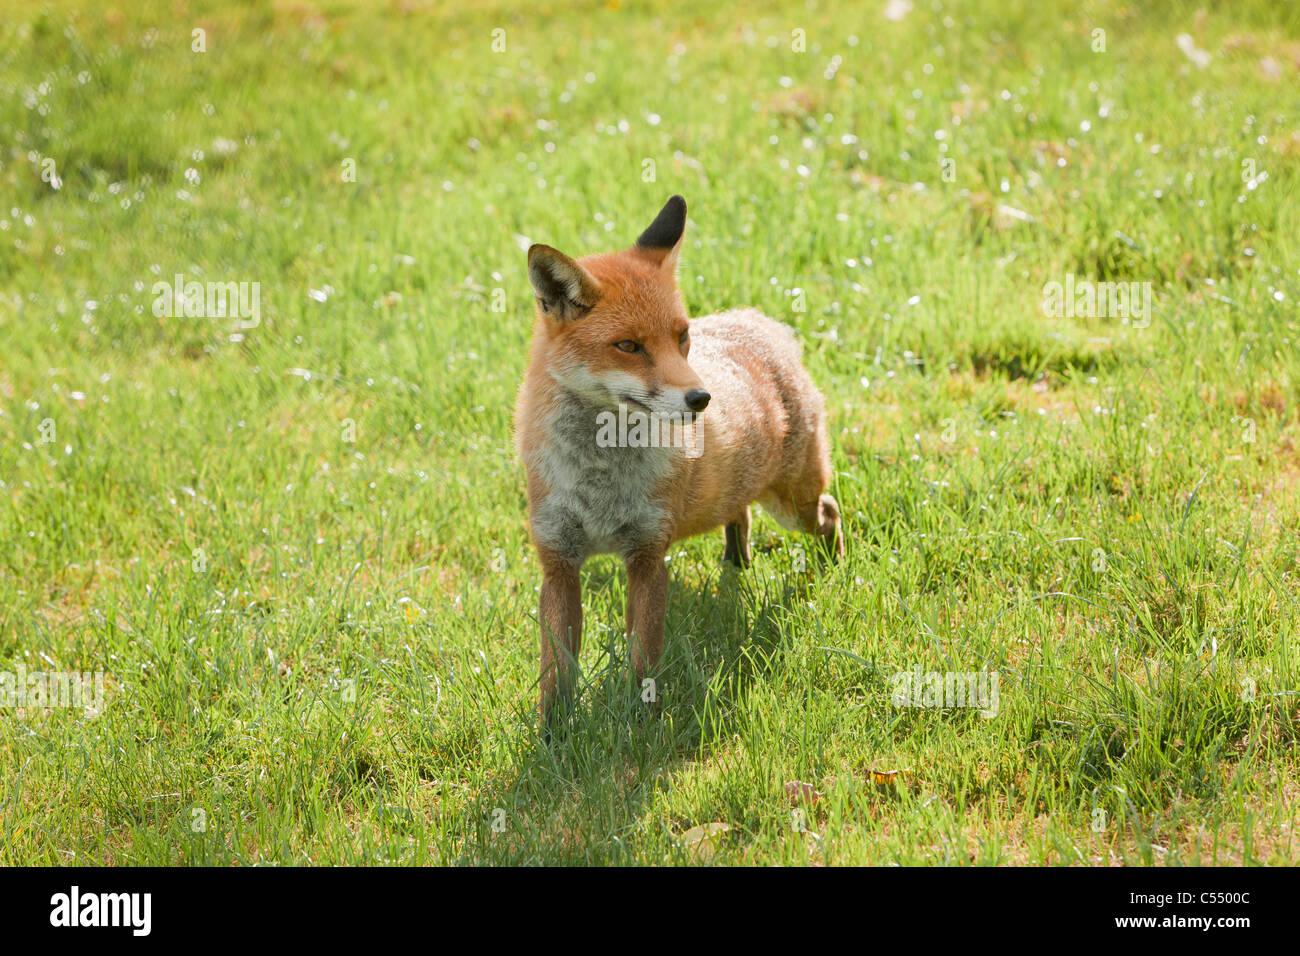 Zahmen Fuchs in Grasgrün Stockbild